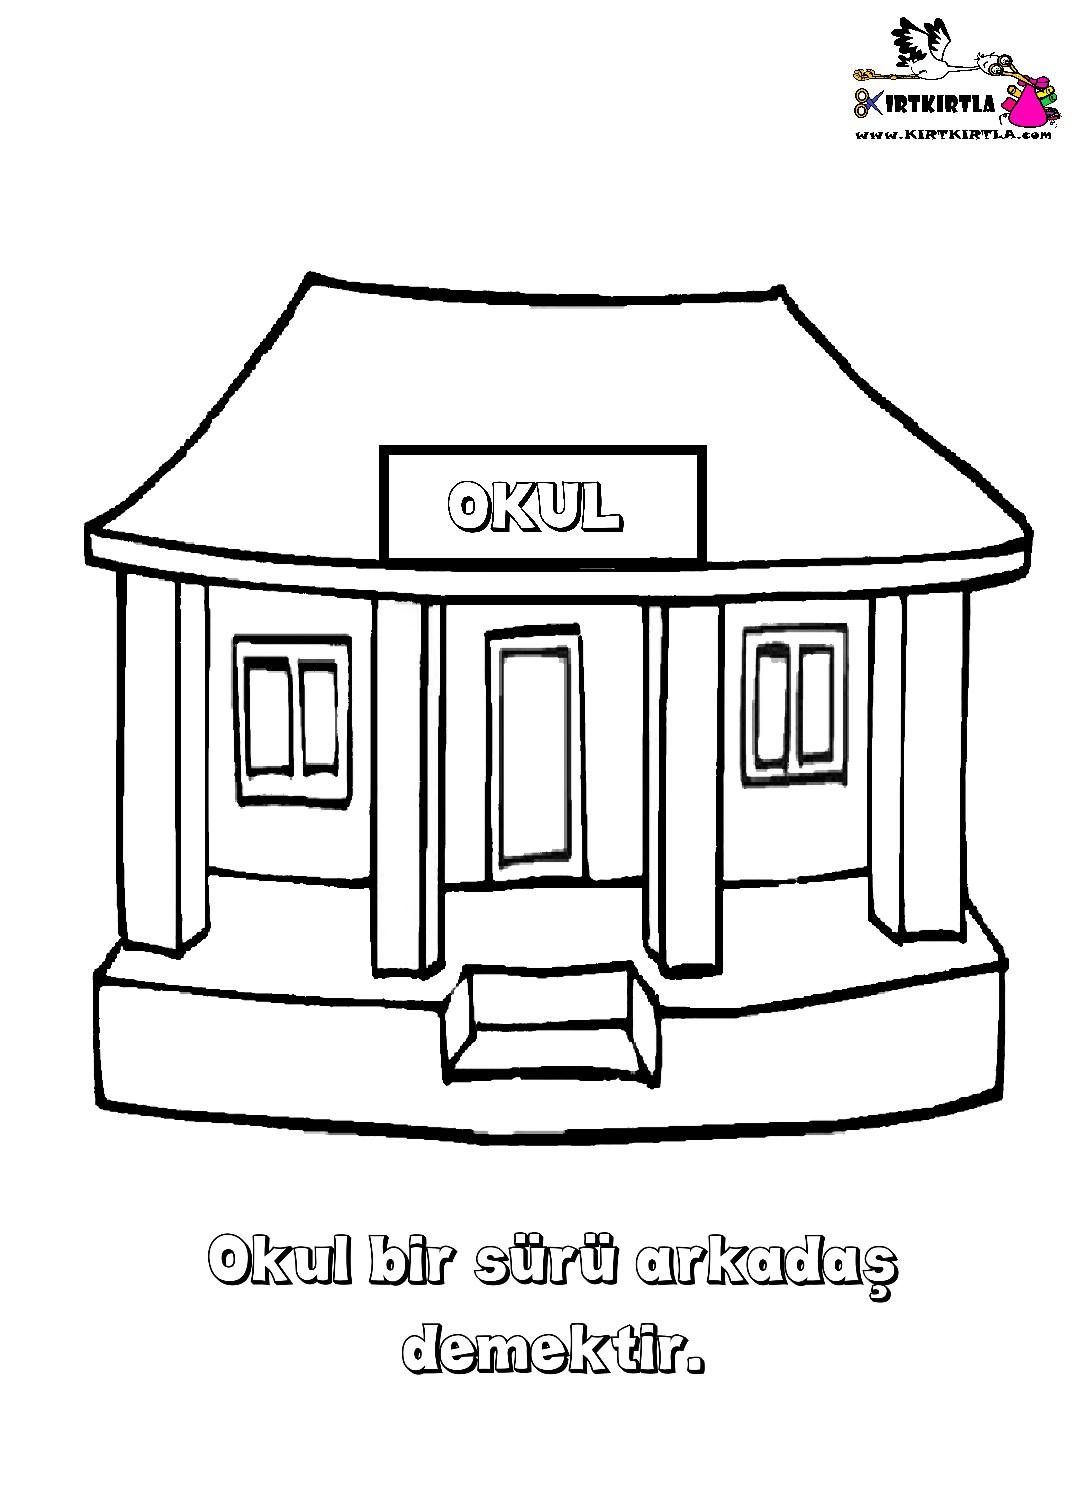 Okul Kirtkirtla Okul Boyama Sayfası Kirtkirtla